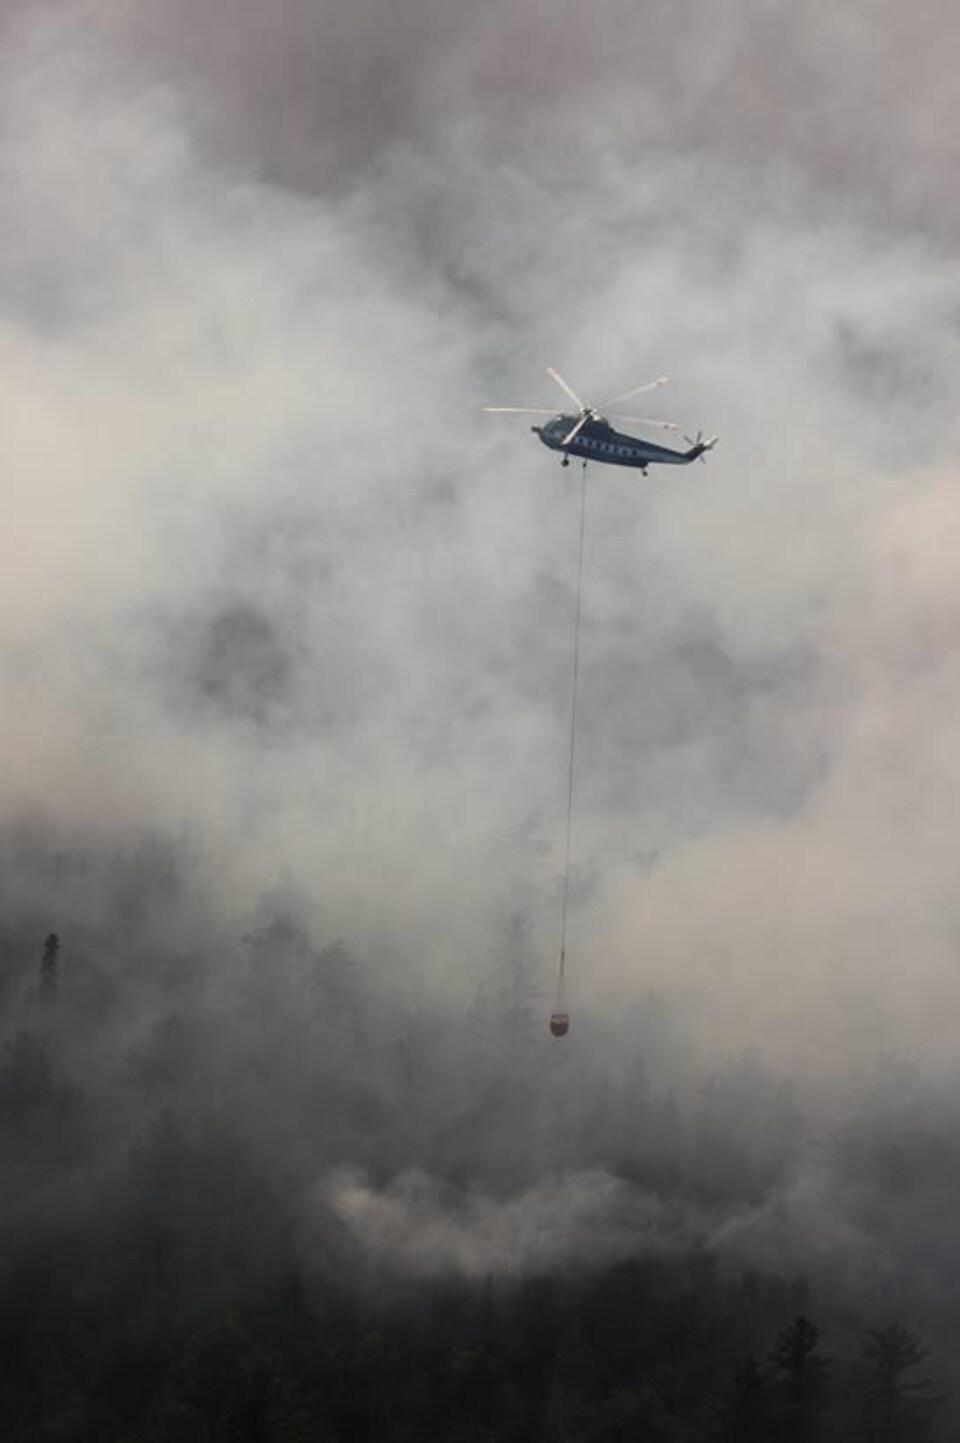 Hélicoptère en plein vol dans un ciel enfumé.